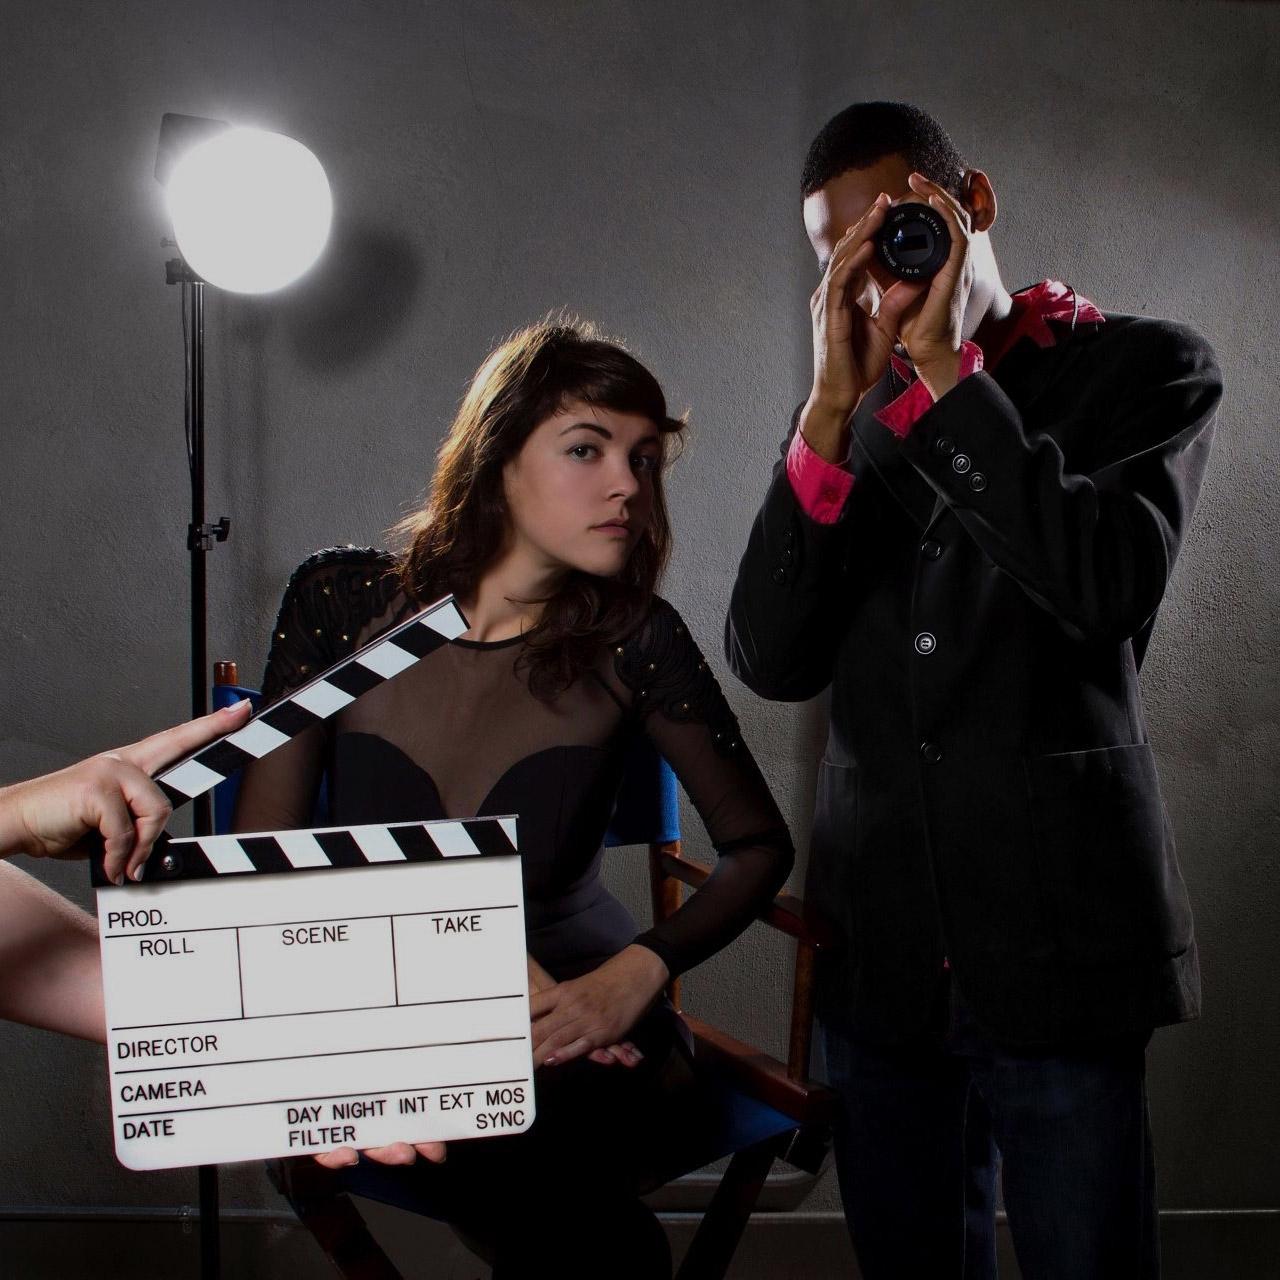 Producer ITV